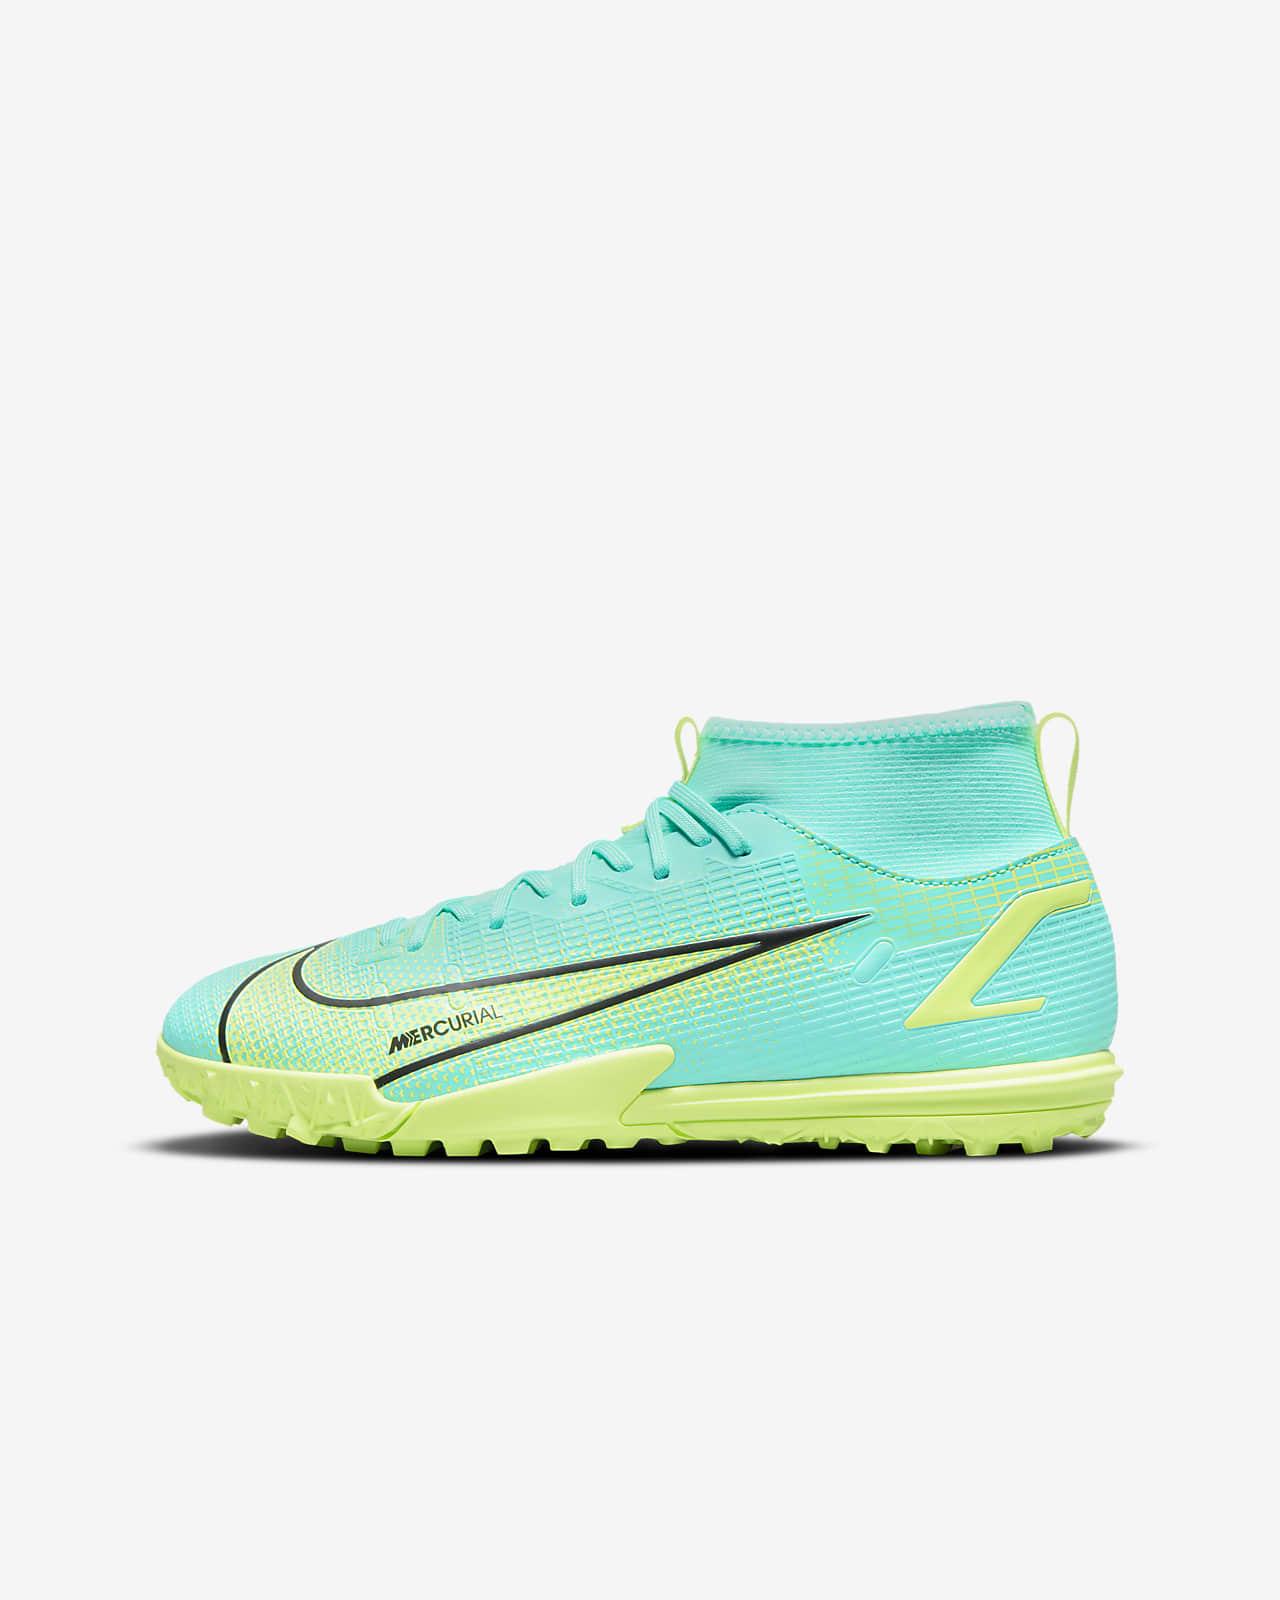 Buty piłkarskie na sztuczną nawierzchnię typu turf dla małych/dużych dzieci Nike Jr. Mercurial Superfly 8 Academy TF